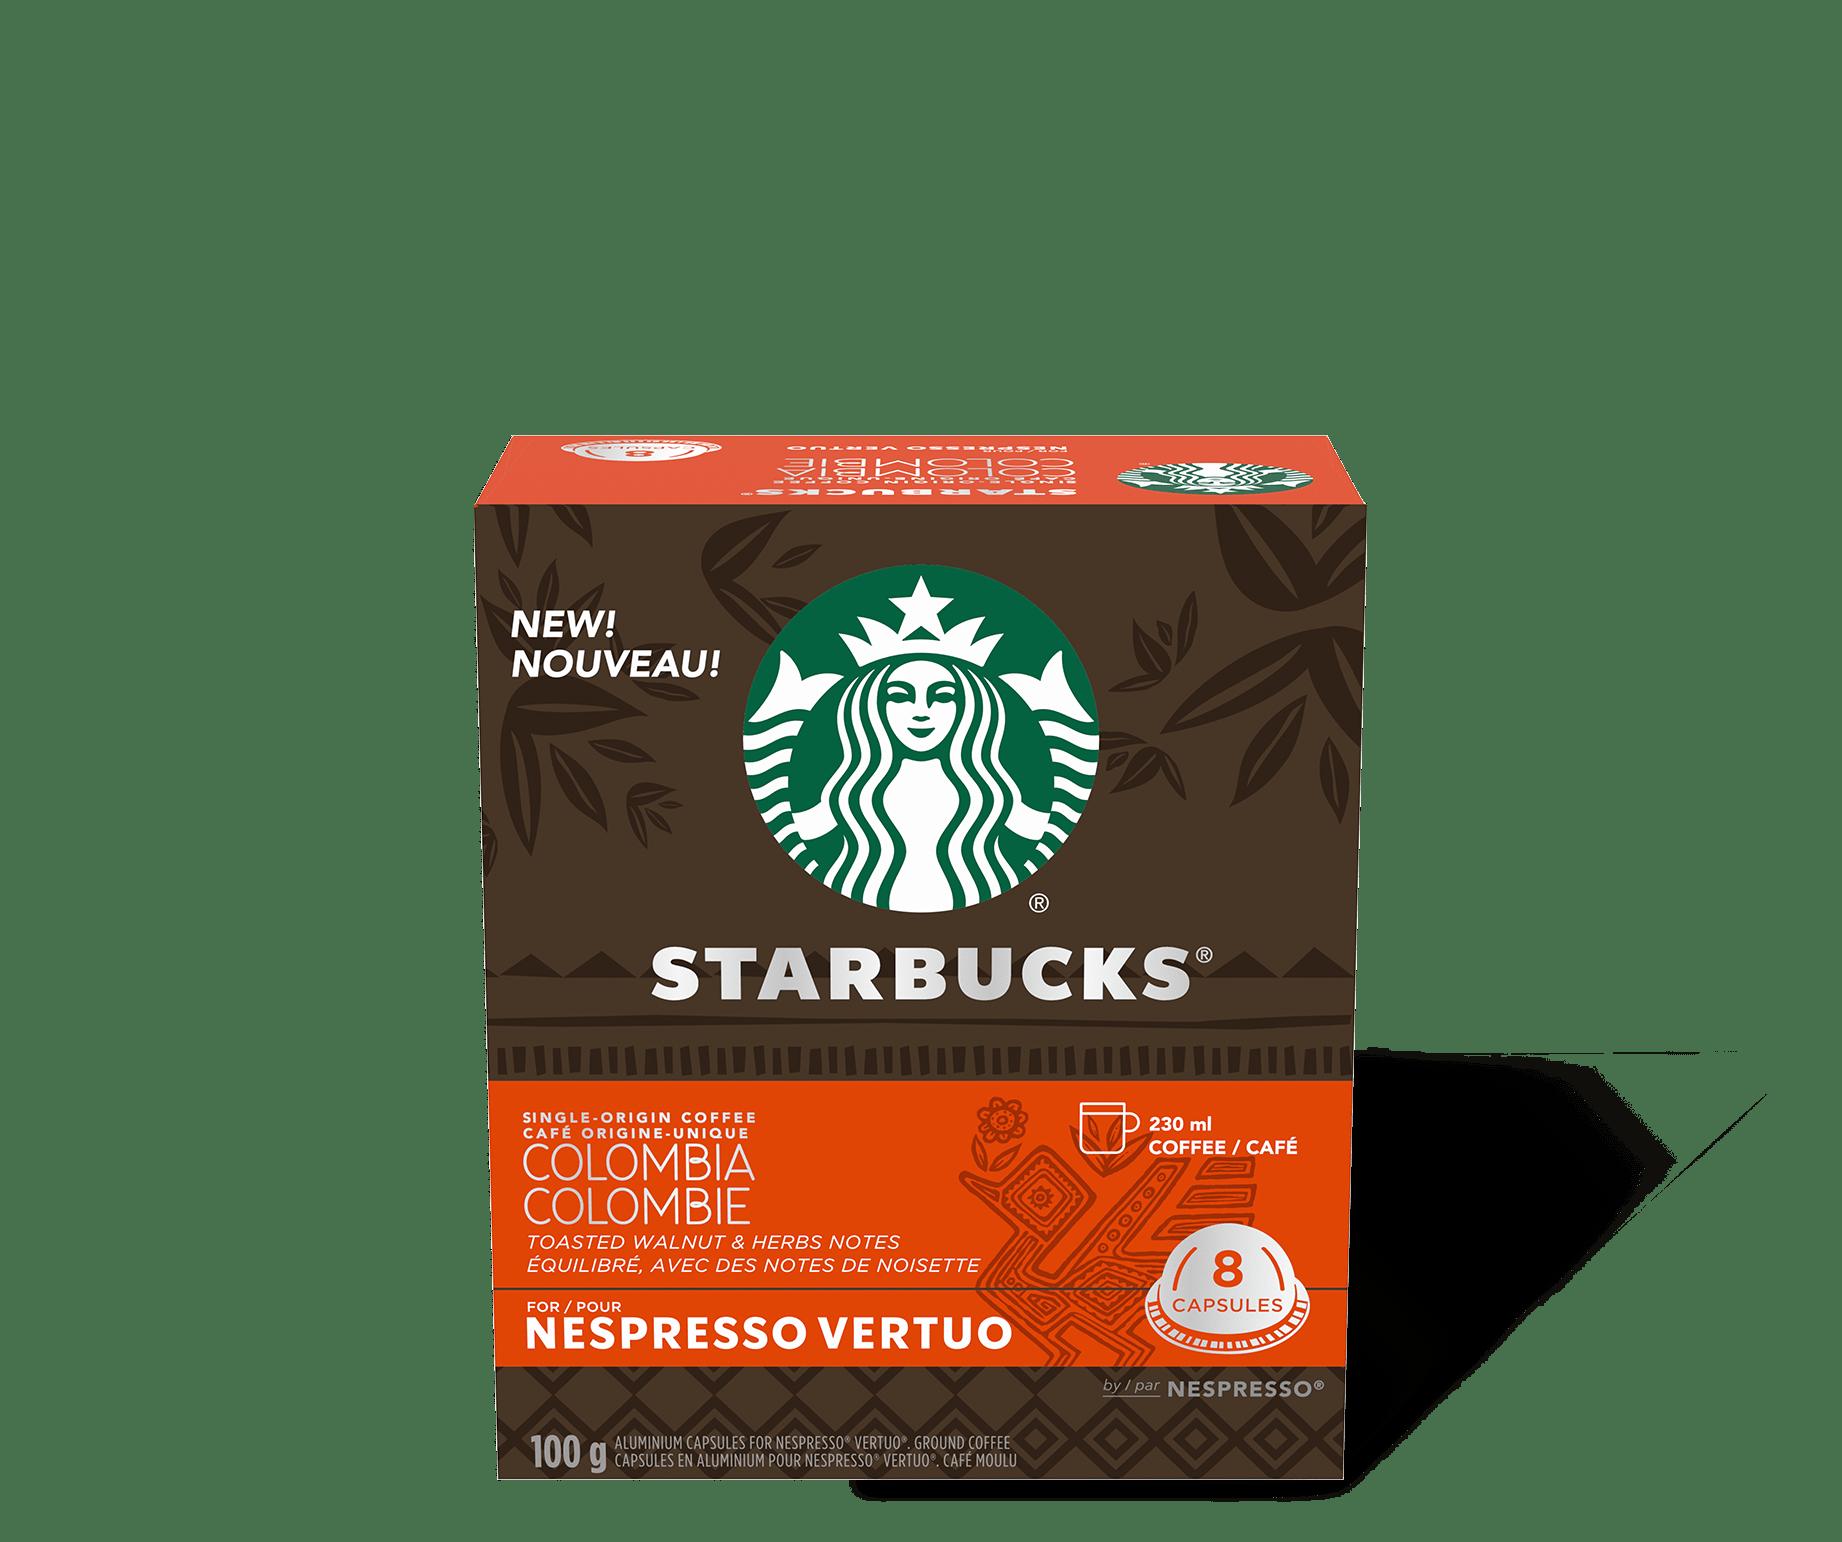 Starbucks by Nespresso Vertuo Single Origin Colombia